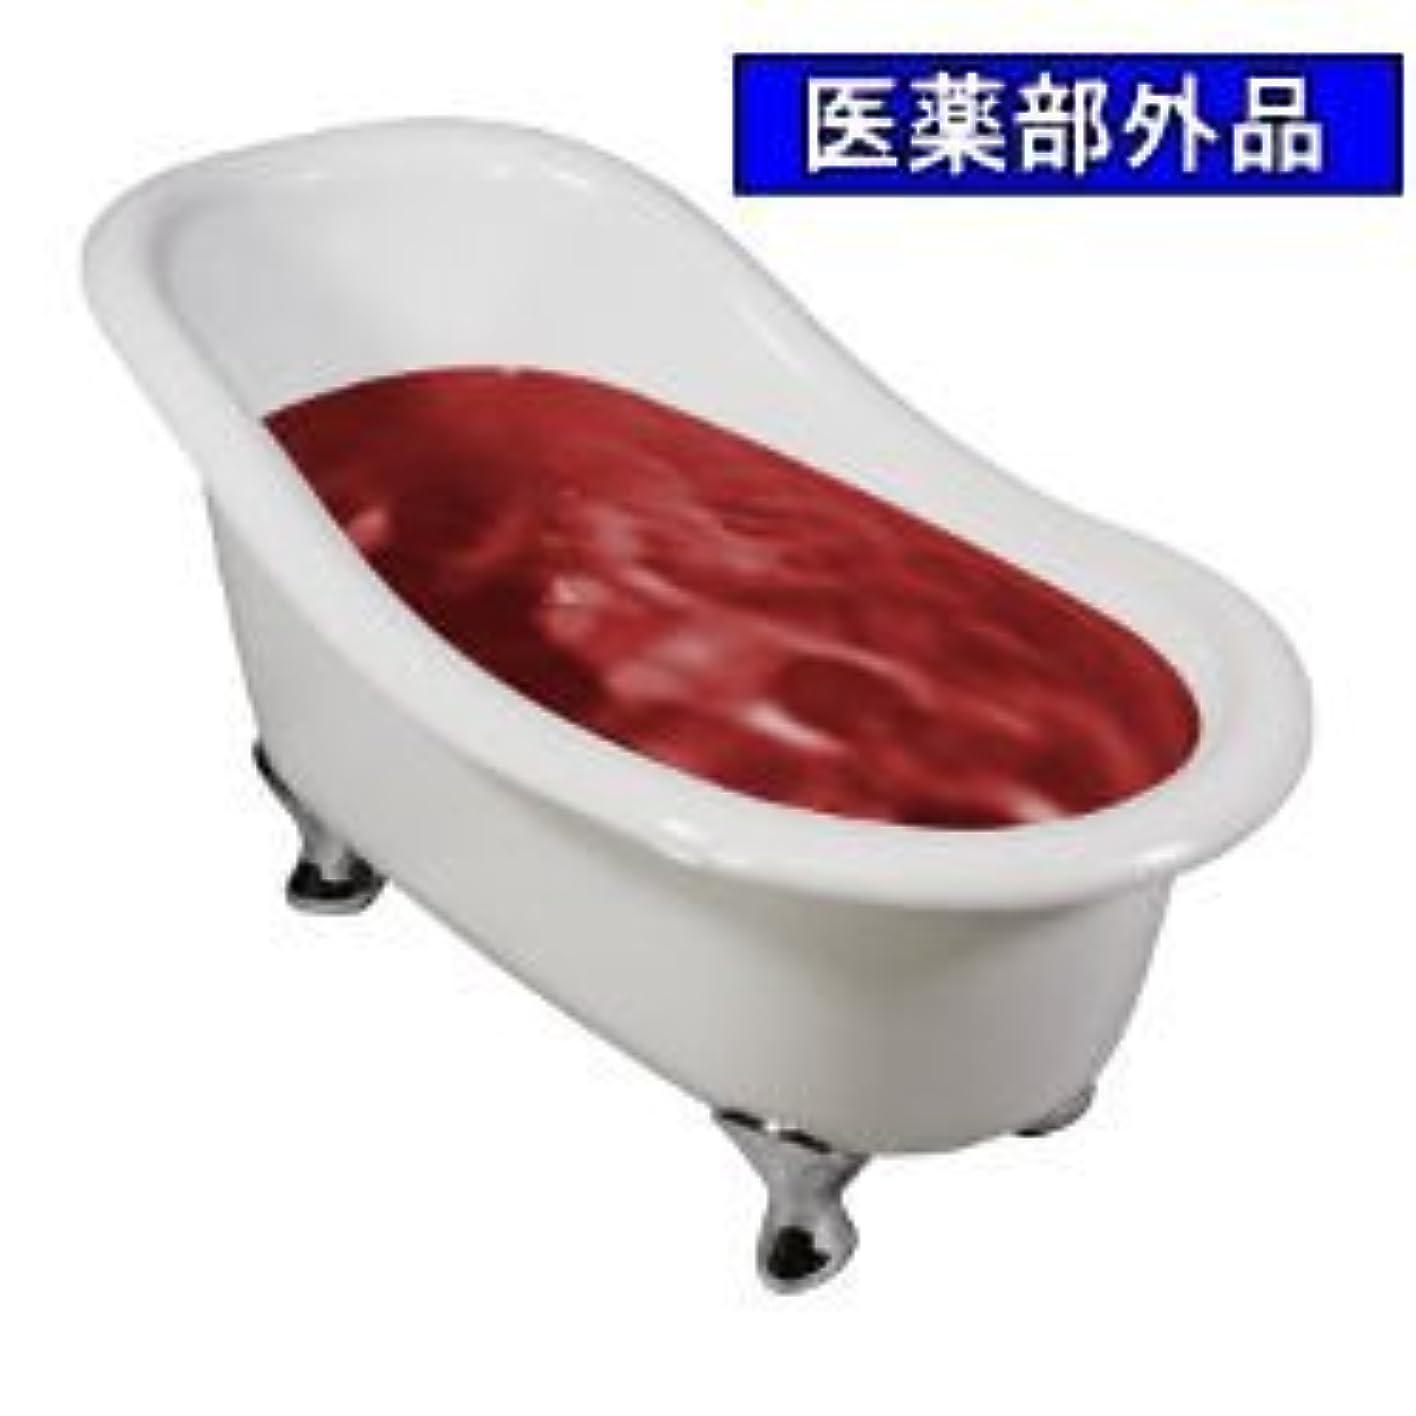 順応性のある艦隊特別に業務用薬用入浴剤バスフレンド 禄寿湯 17kg 医薬部外品